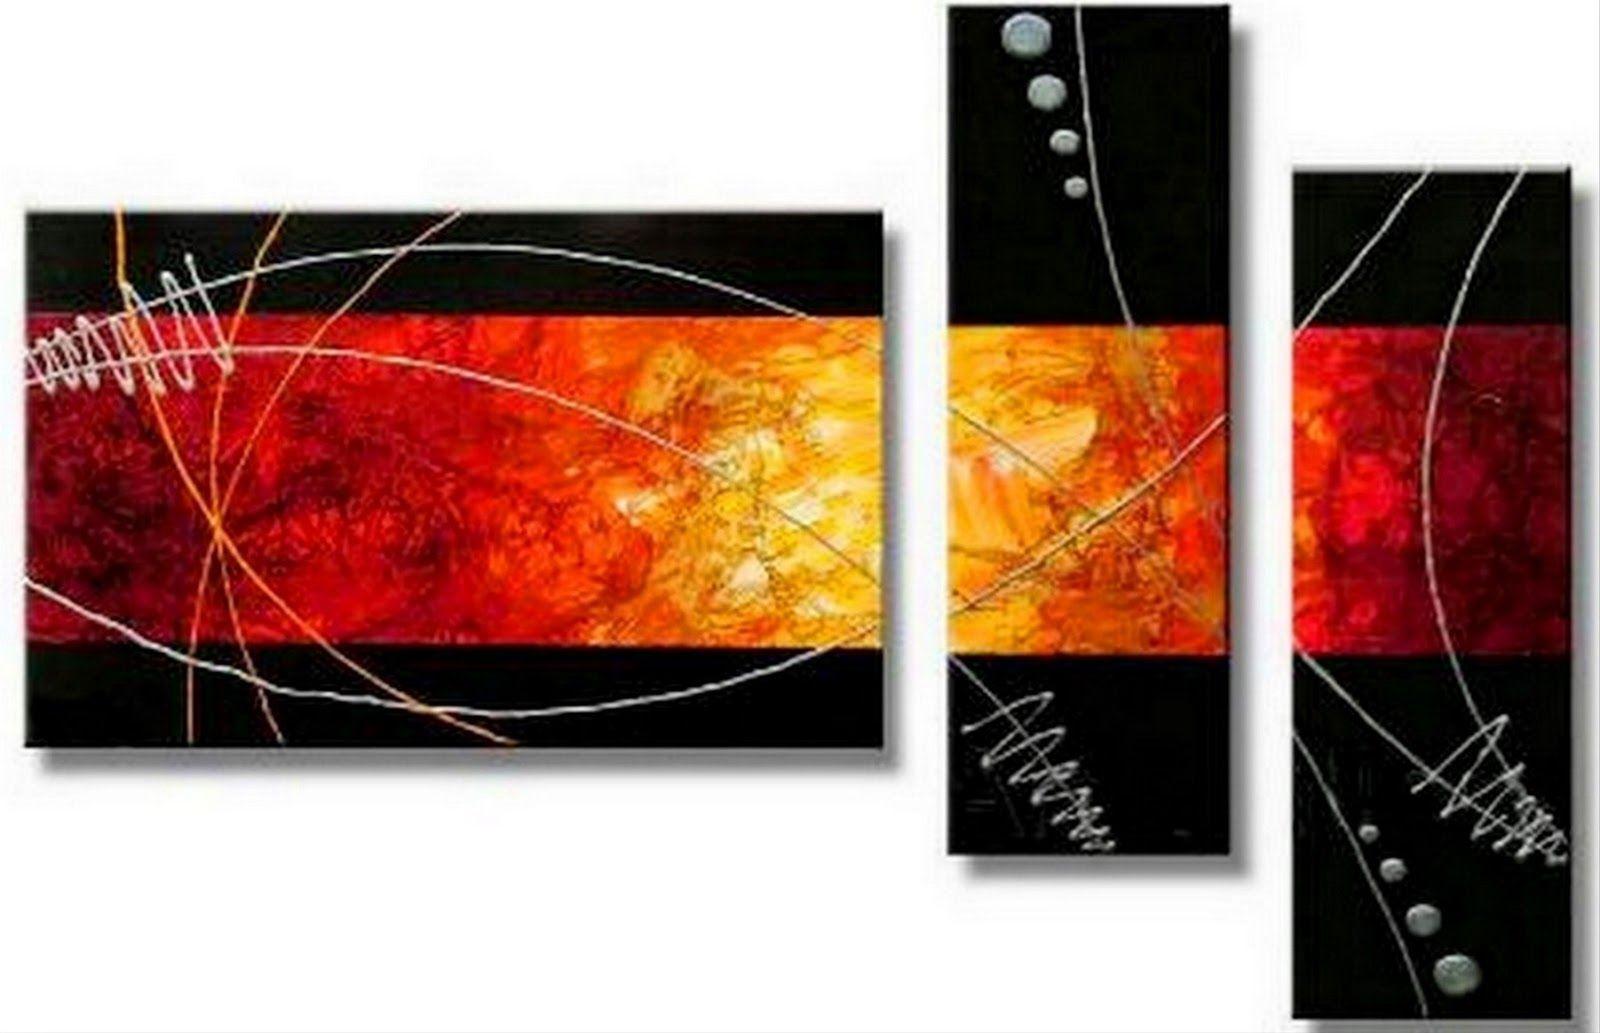 Cuadros tripticos modernos buscar con google cuadros - Triptico cuadros modernos ...